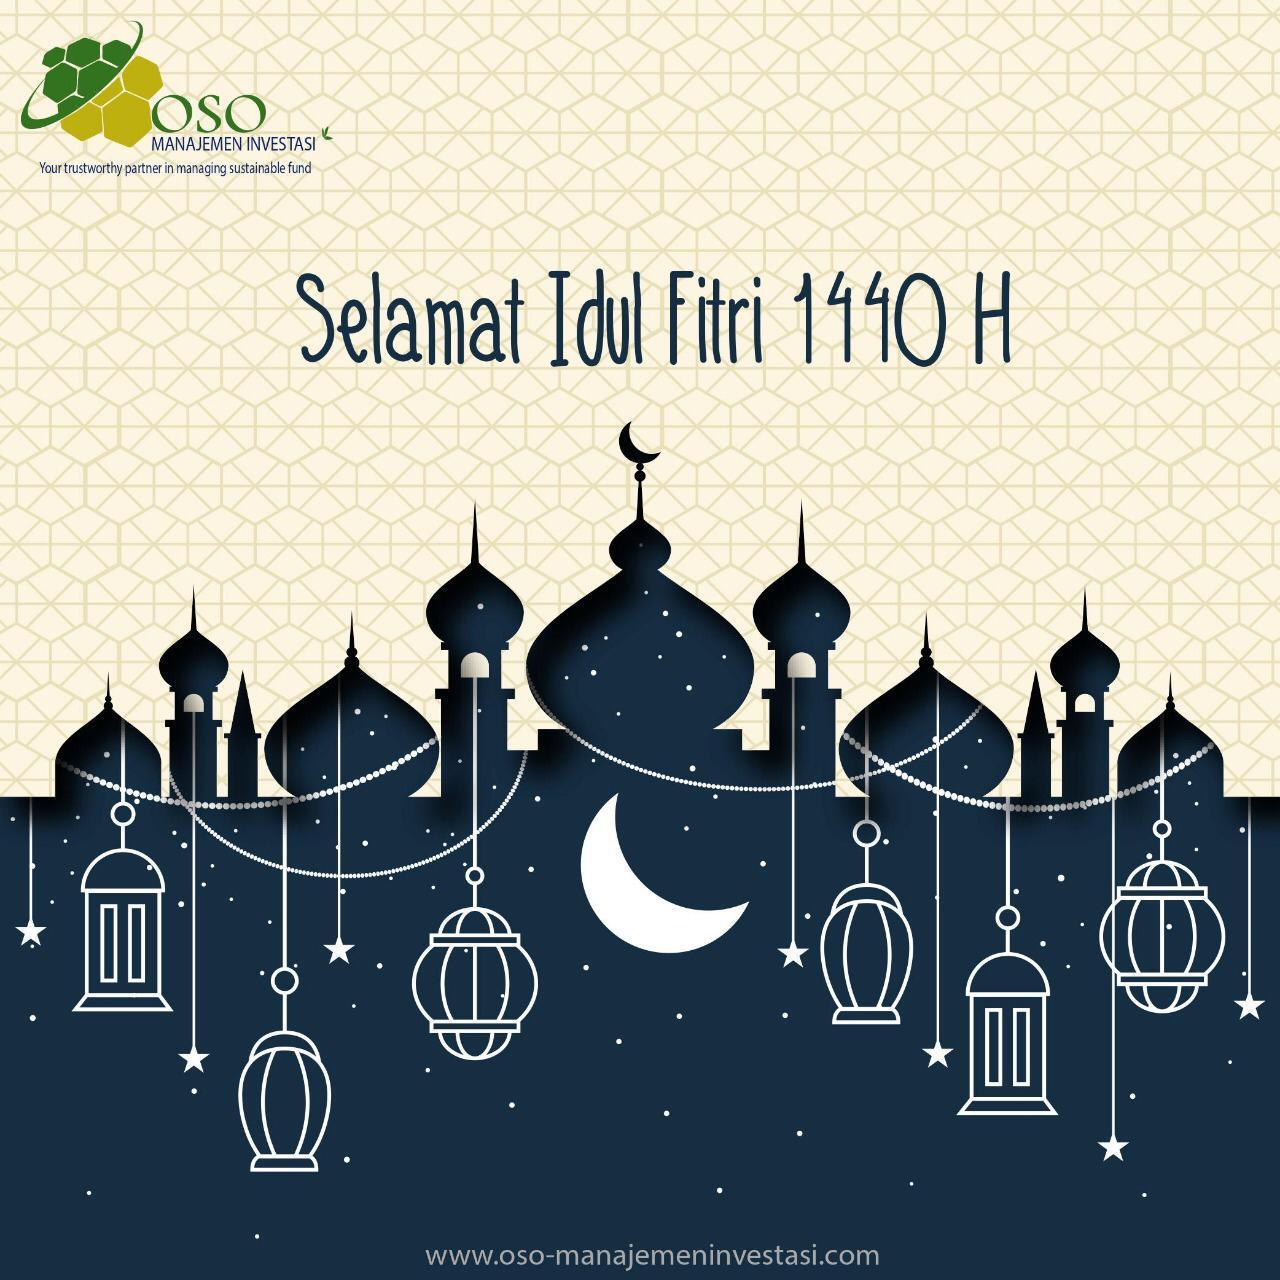 Happy Eid Al-Fitr 1 Syawal 1440 H